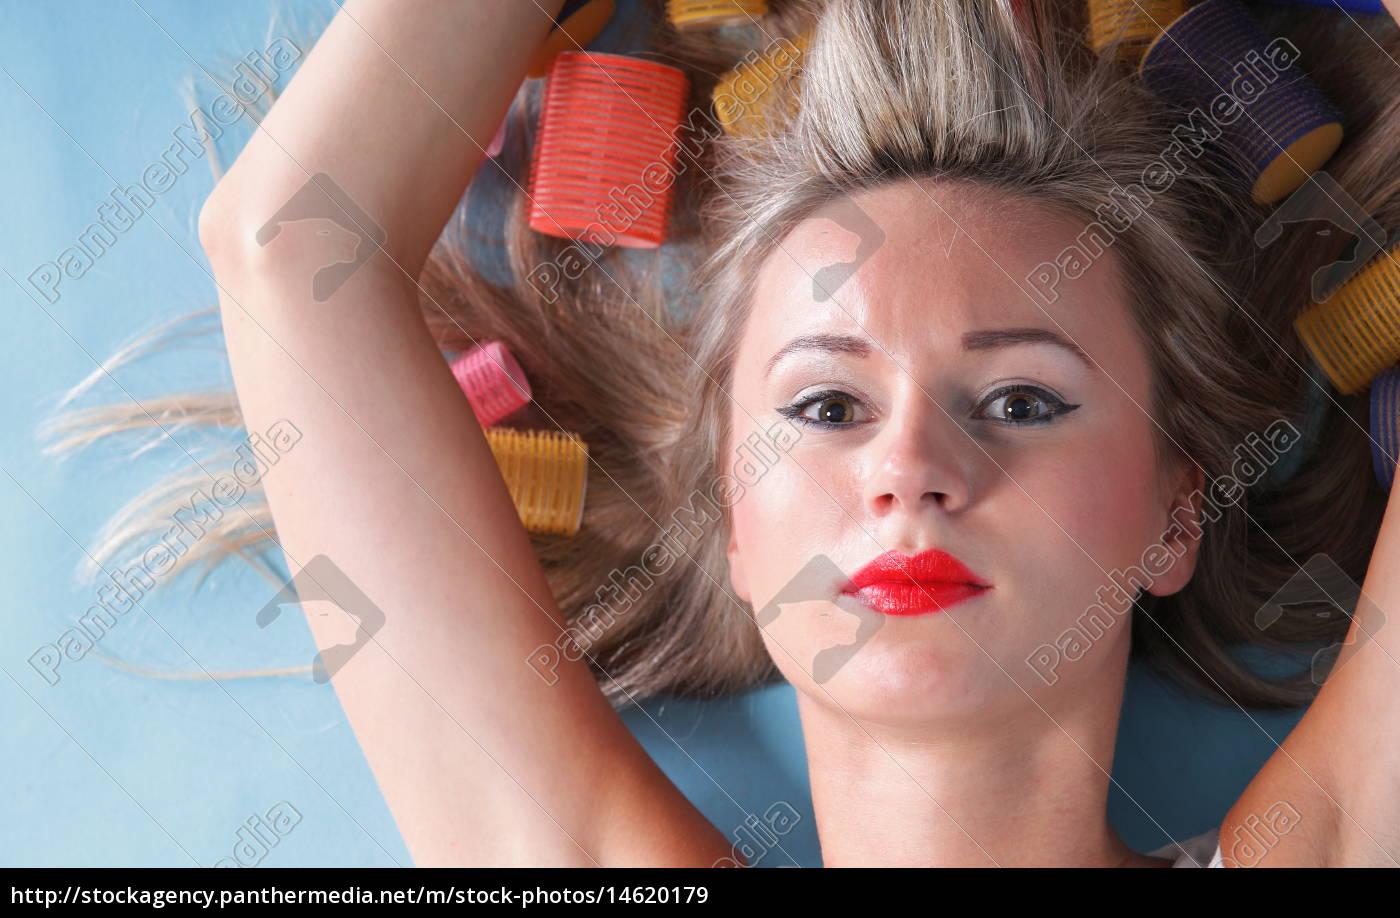 Stockfoto 14620179 Pin Up Mädchen Retro Stil Porträt Frau trocknen Haare